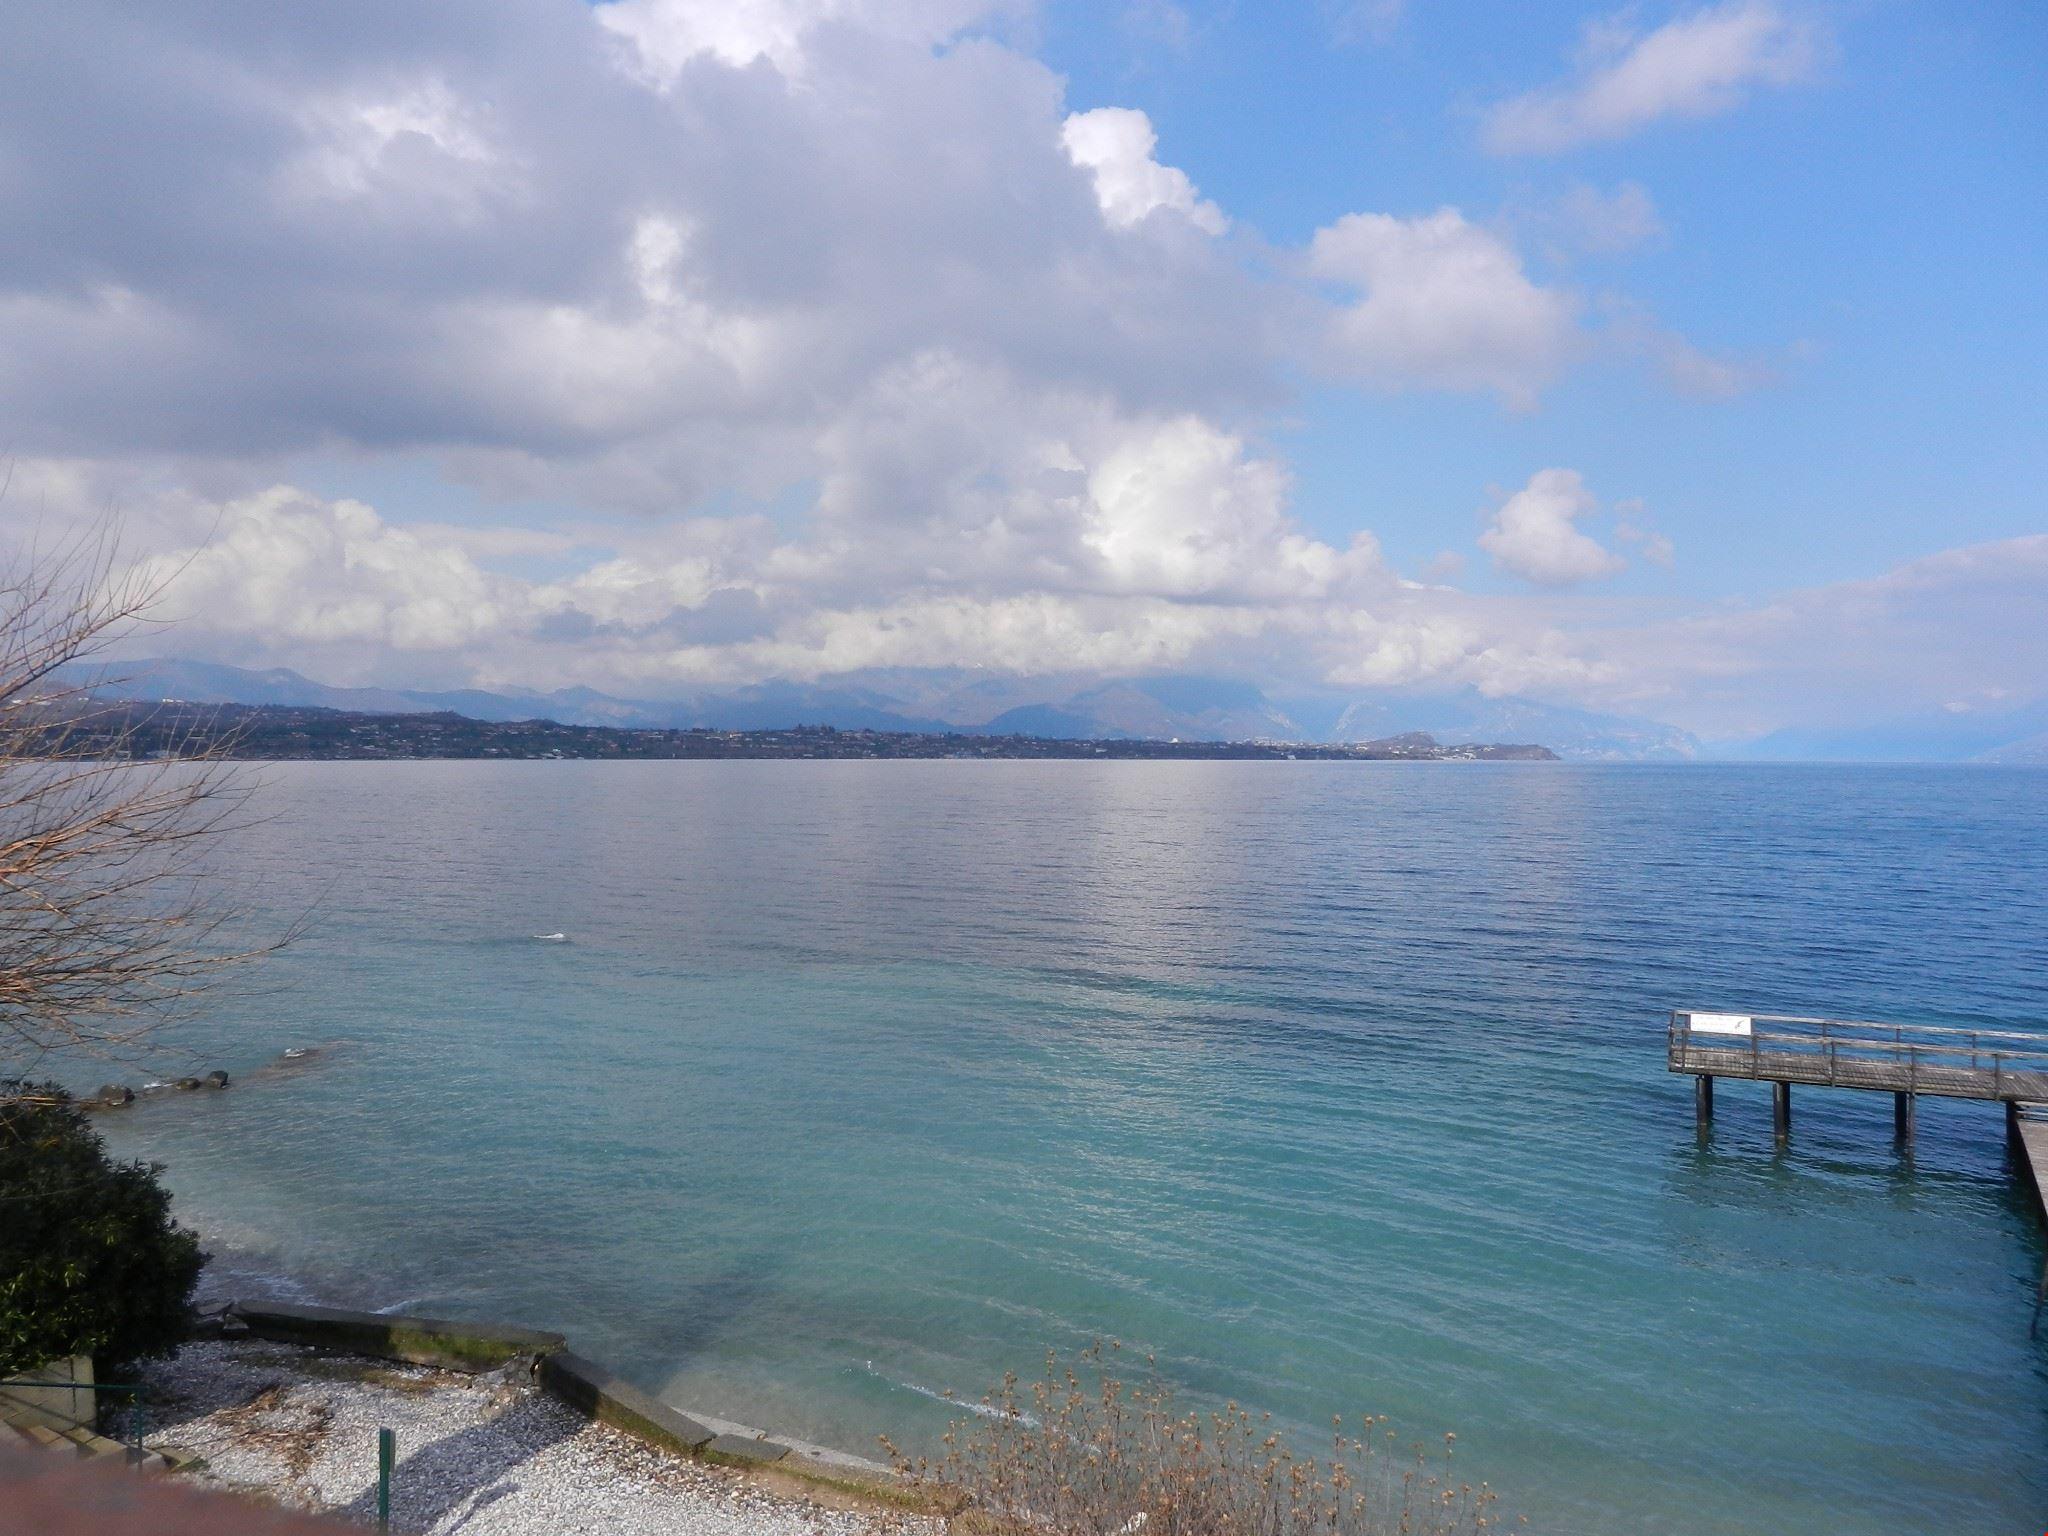 Villaggio turistico a Desenzano del Garda